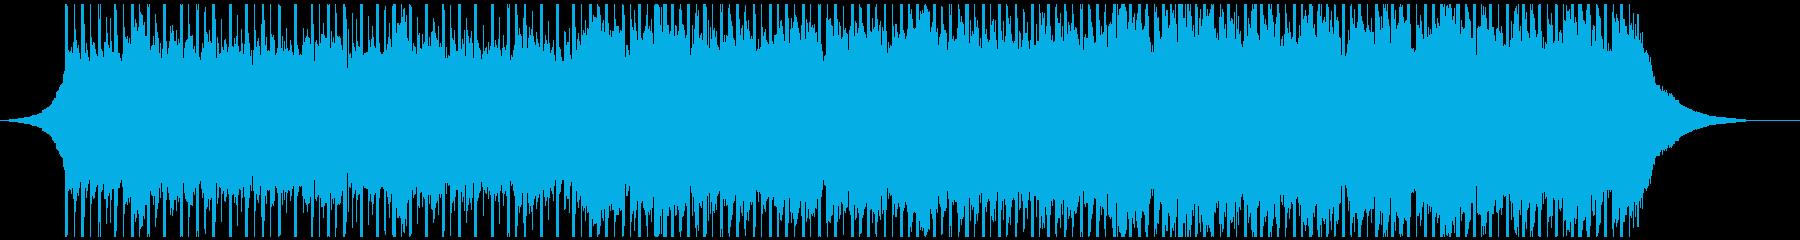 コーポレートアップビート(60秒)の再生済みの波形